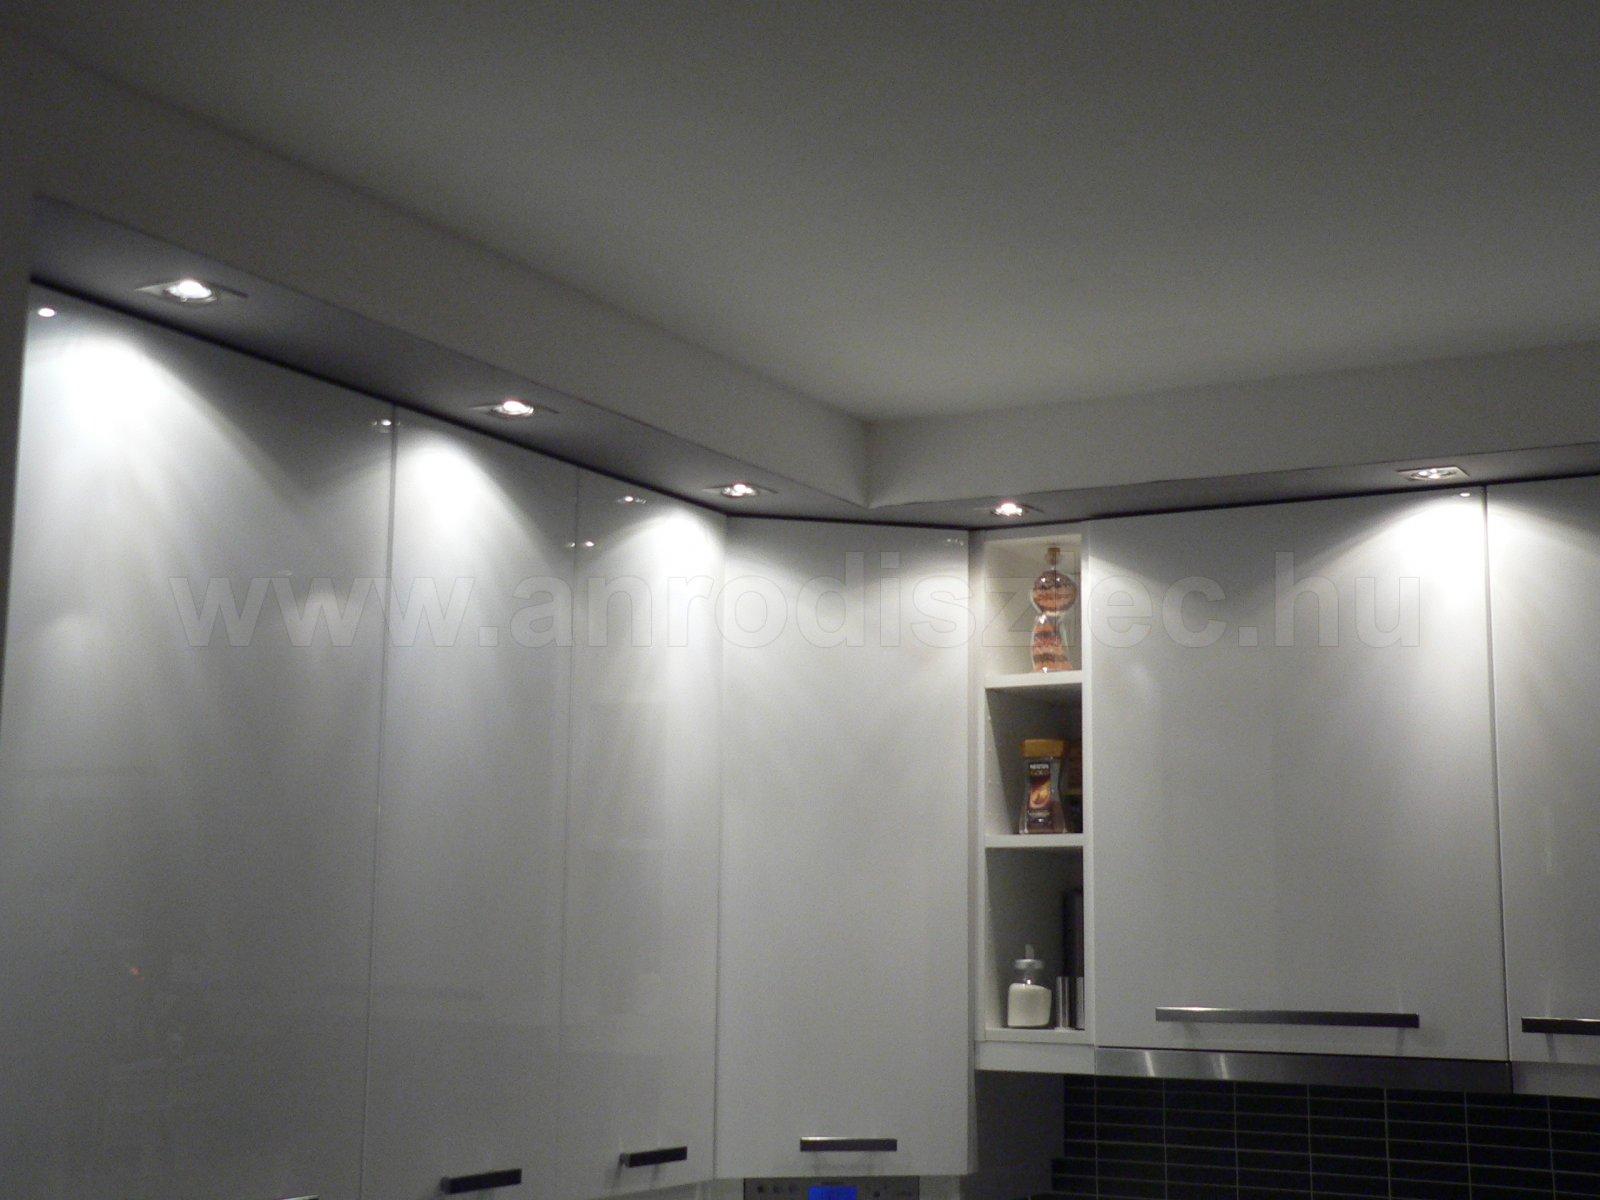 Konyhabútor dekorációs világítás - Vásárlóink fotói - Díszléc és LED lámpa Webáruház